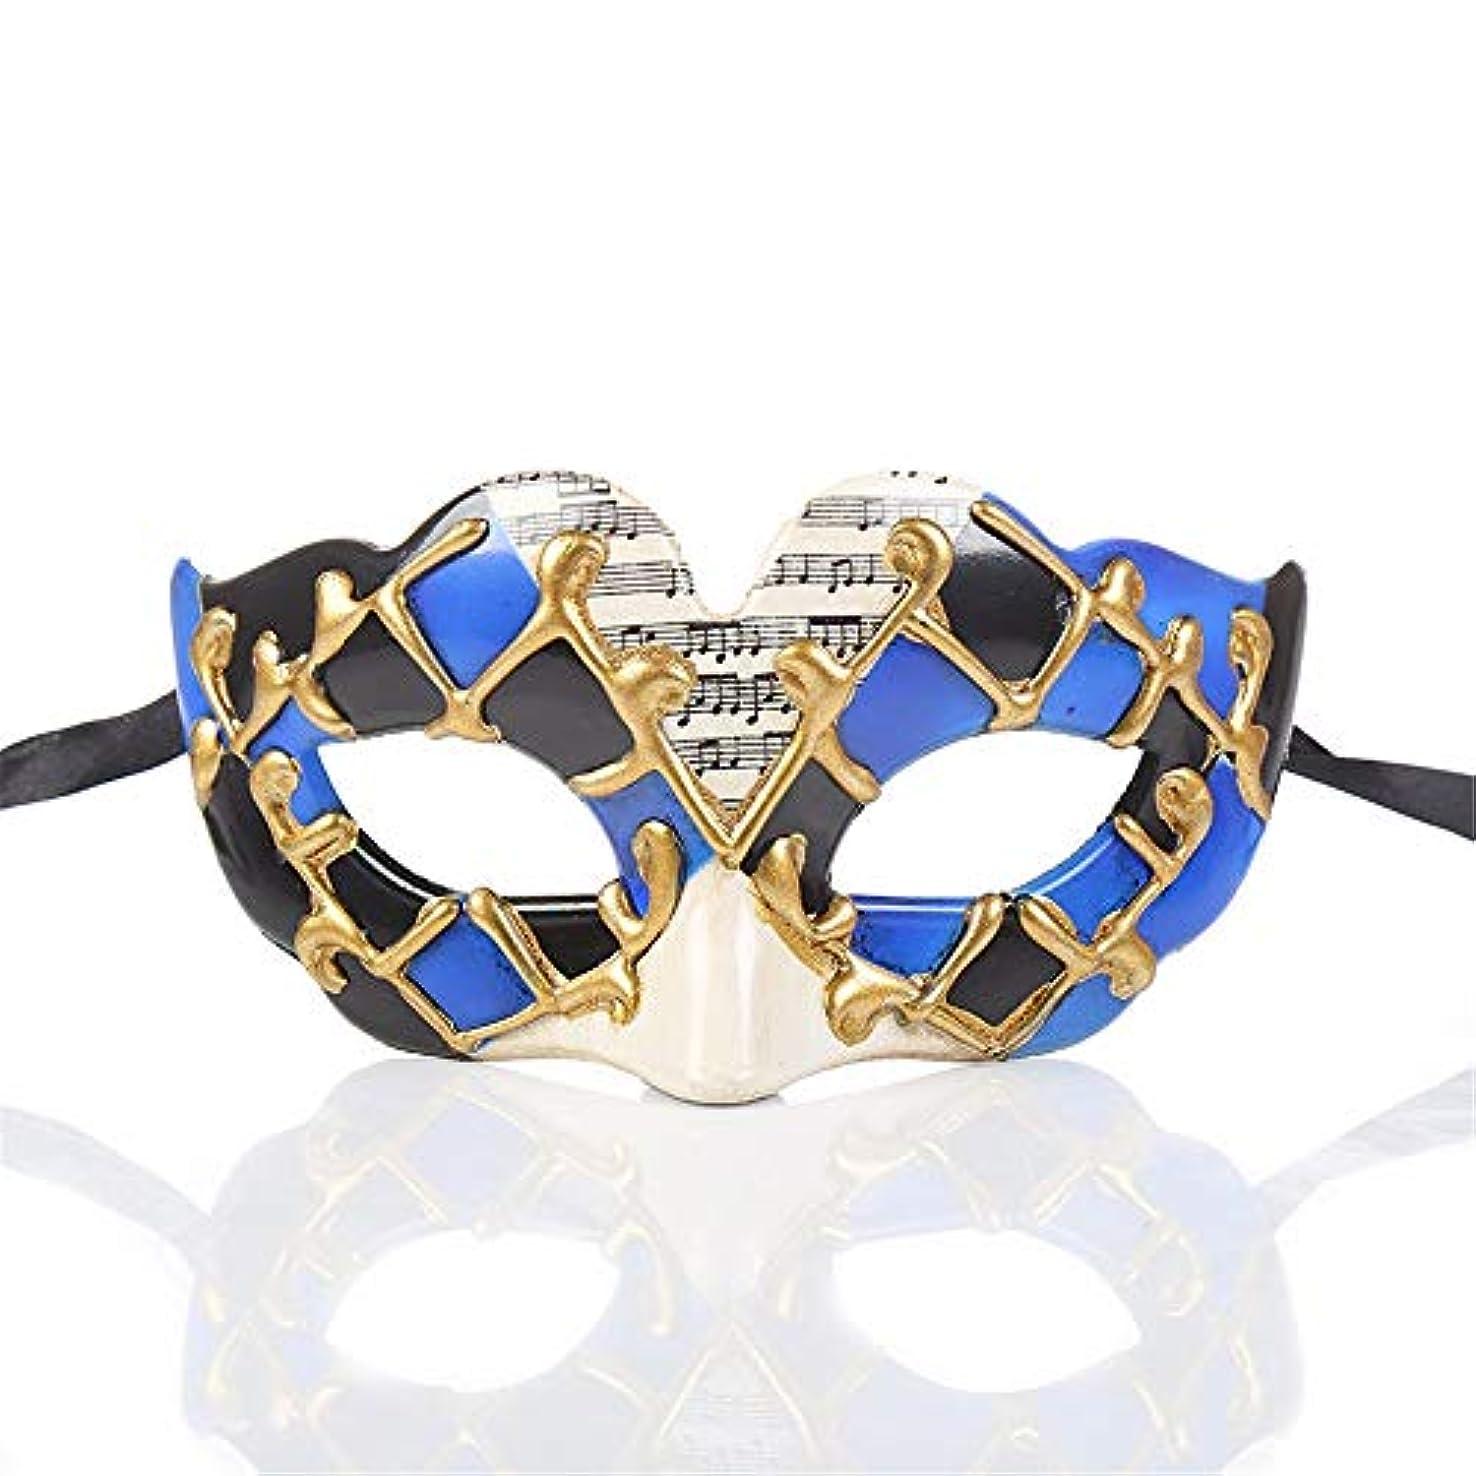 発送マトリックスはいダンスマスク パーティーCospalyマスクハロウィーンマスカレードデコレーションマスクフェスティバルプラスチックマスク パーティーマスク (色 : 青, サイズ : 14.5x7.5cm)